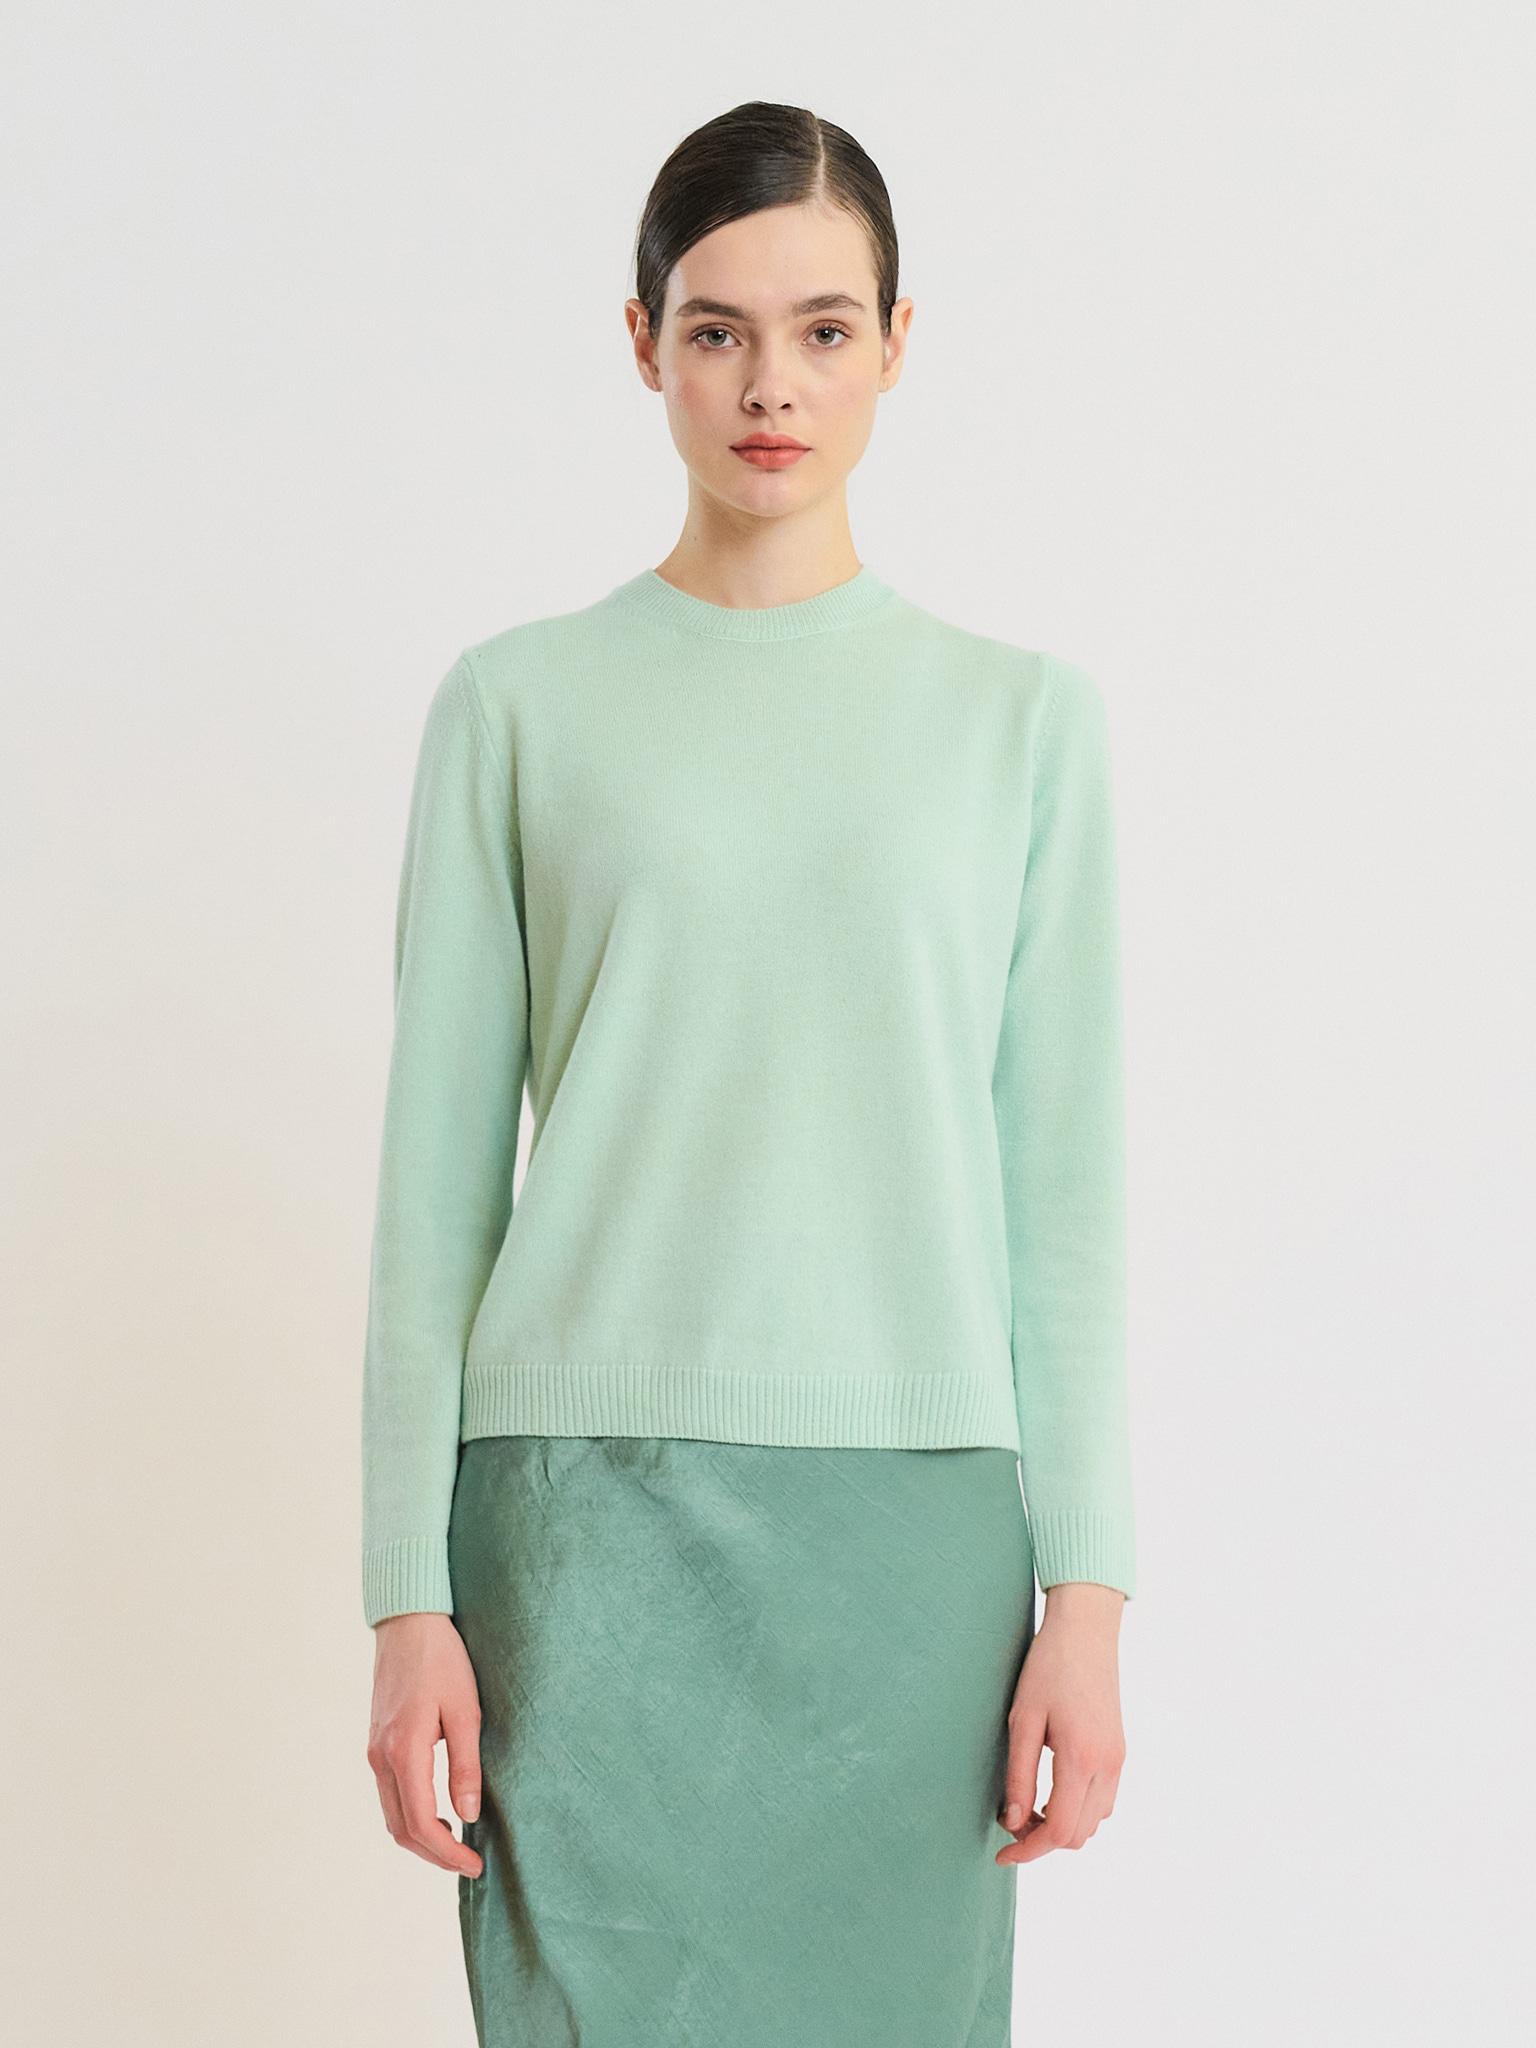 Loropiana Cashmere 100% Round Neck Knit Pullover